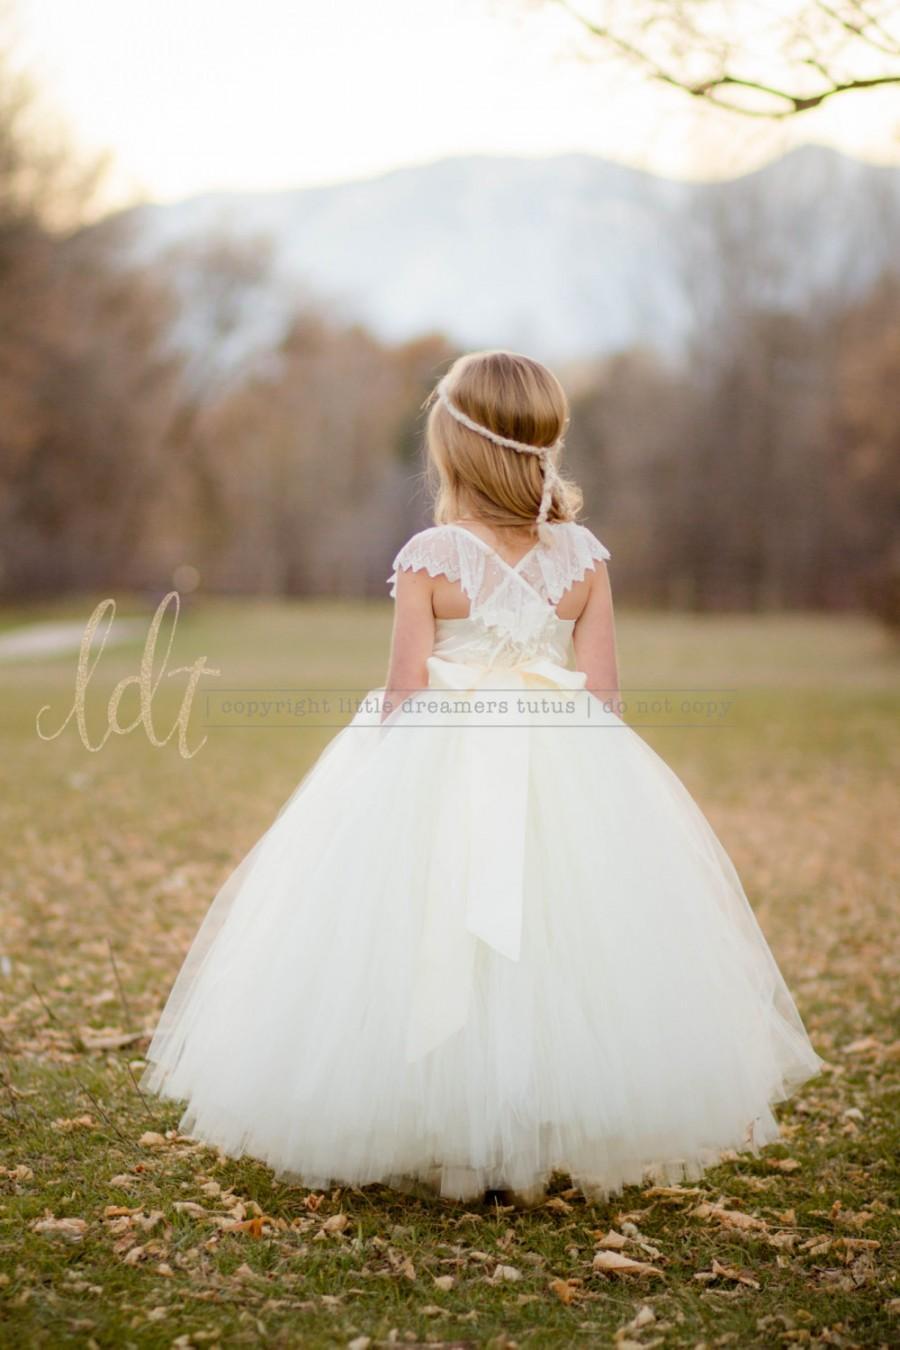 زفاف - NEW! The Everly Dress in Ivory - Flower Girl Tutu Dress